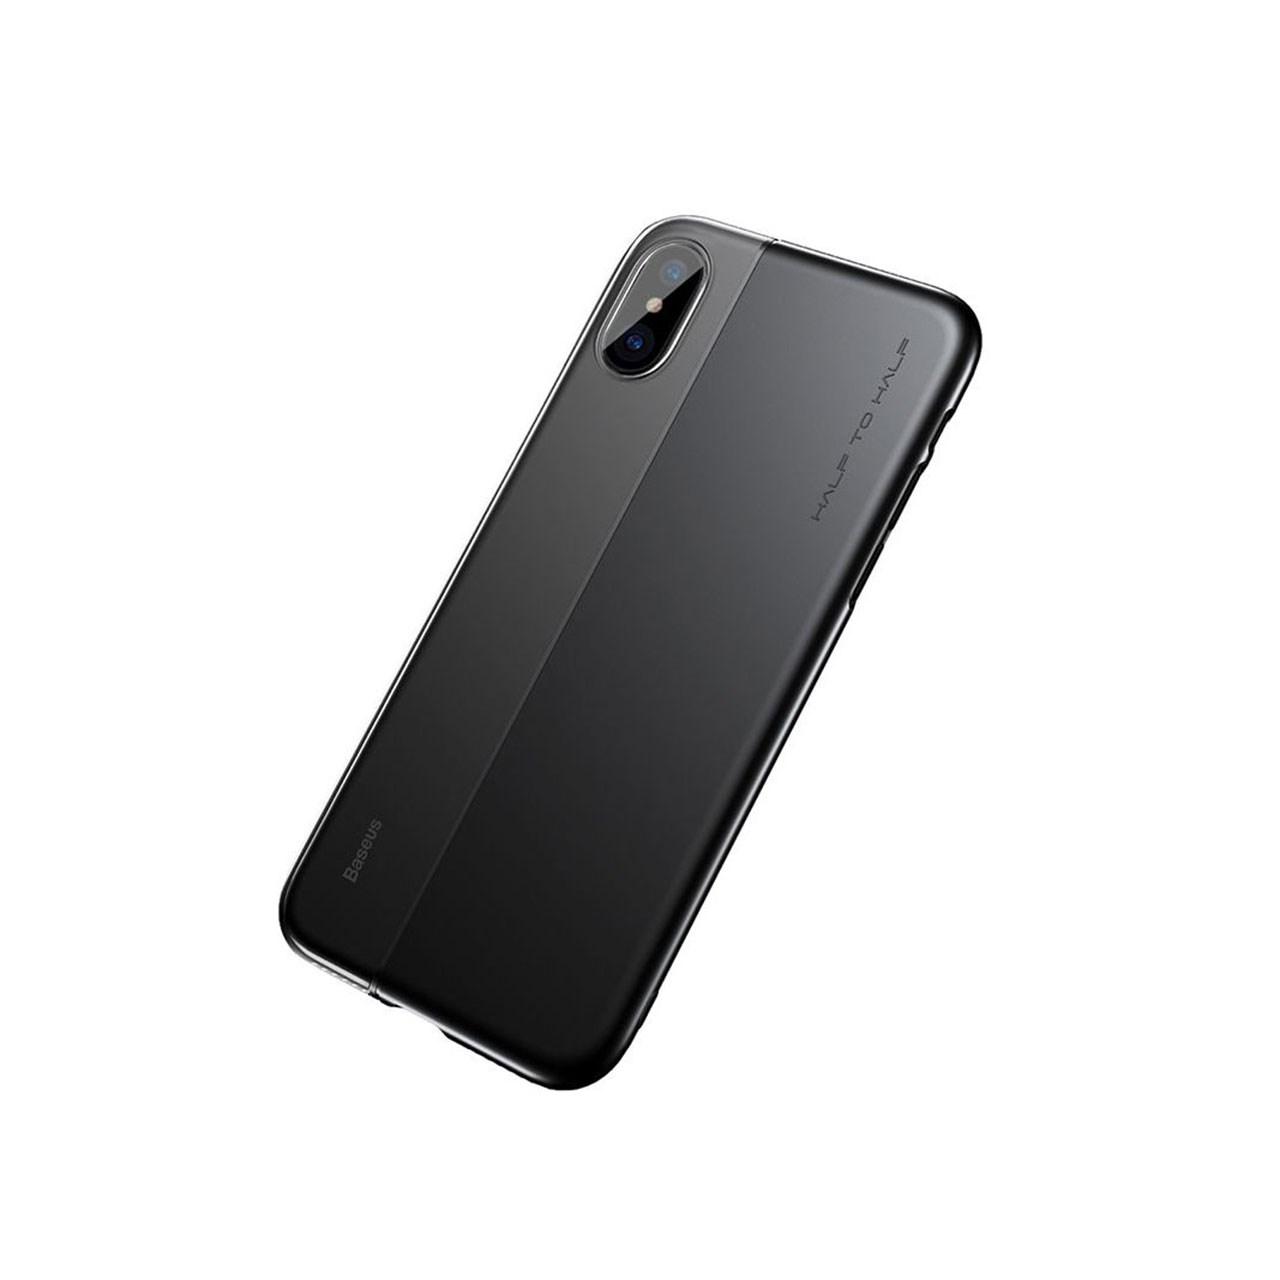 خرید اینترنتی [با تخفیف] کاور باسئوس مدل Half to Half Case مناسب برای گوشی موبایل آیفون X/10 اورجینال